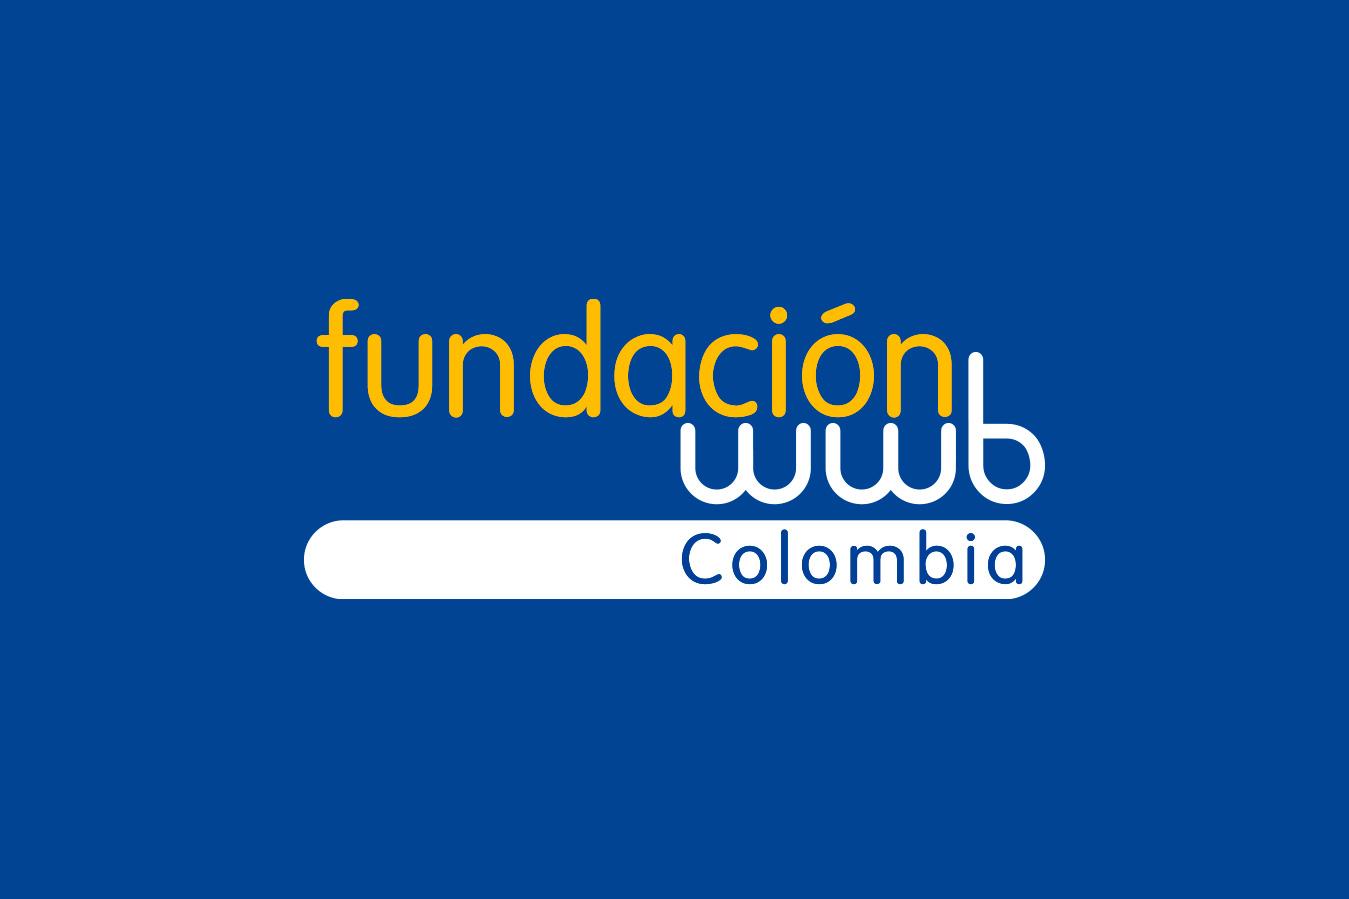 Logo. Fundación WWB